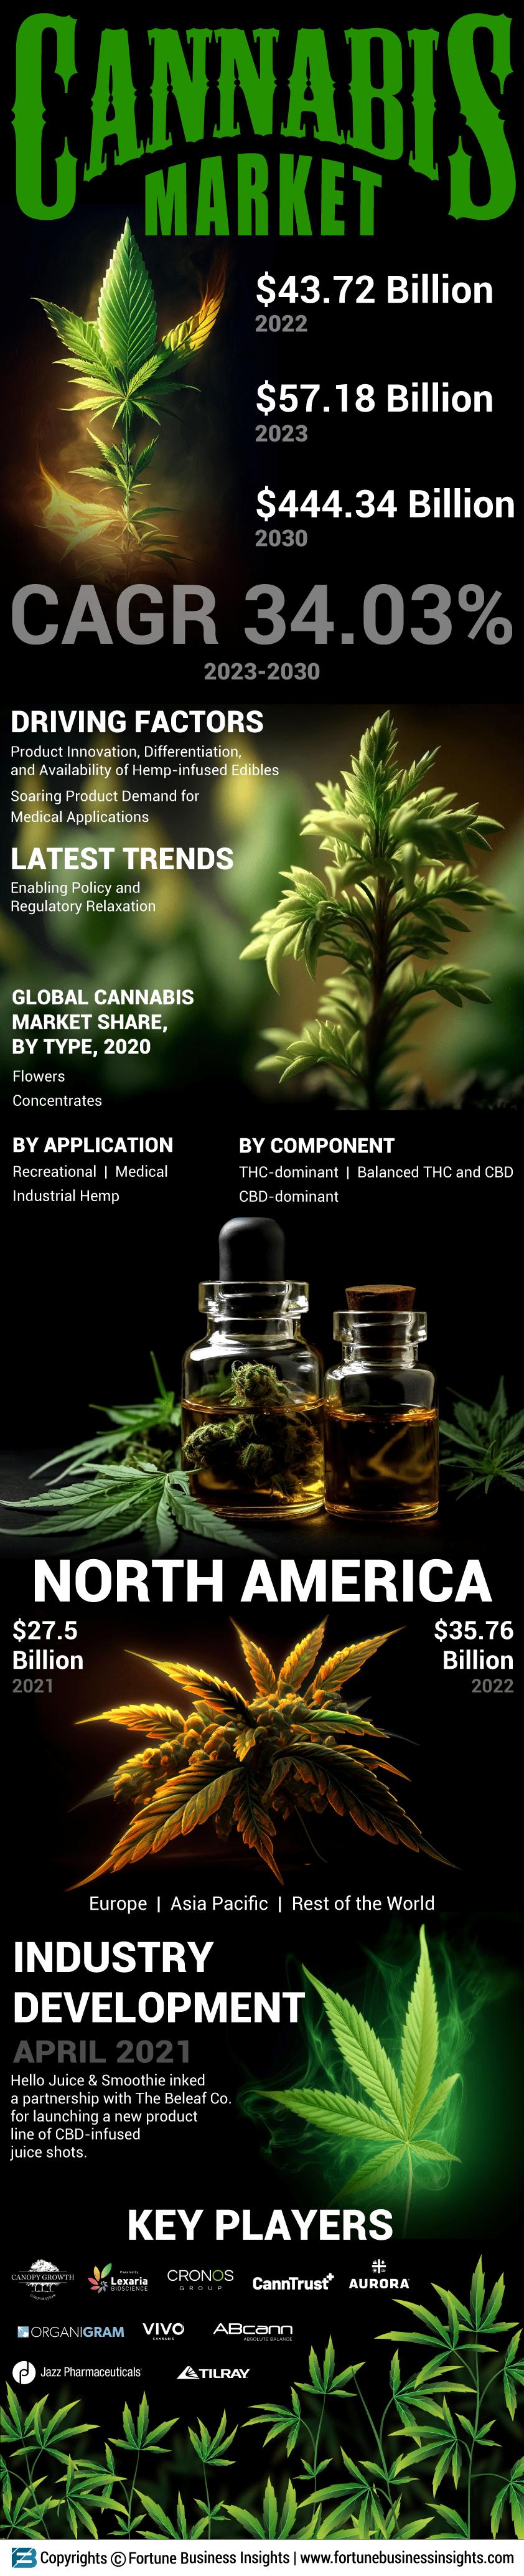 Cannabis Marijuana Market